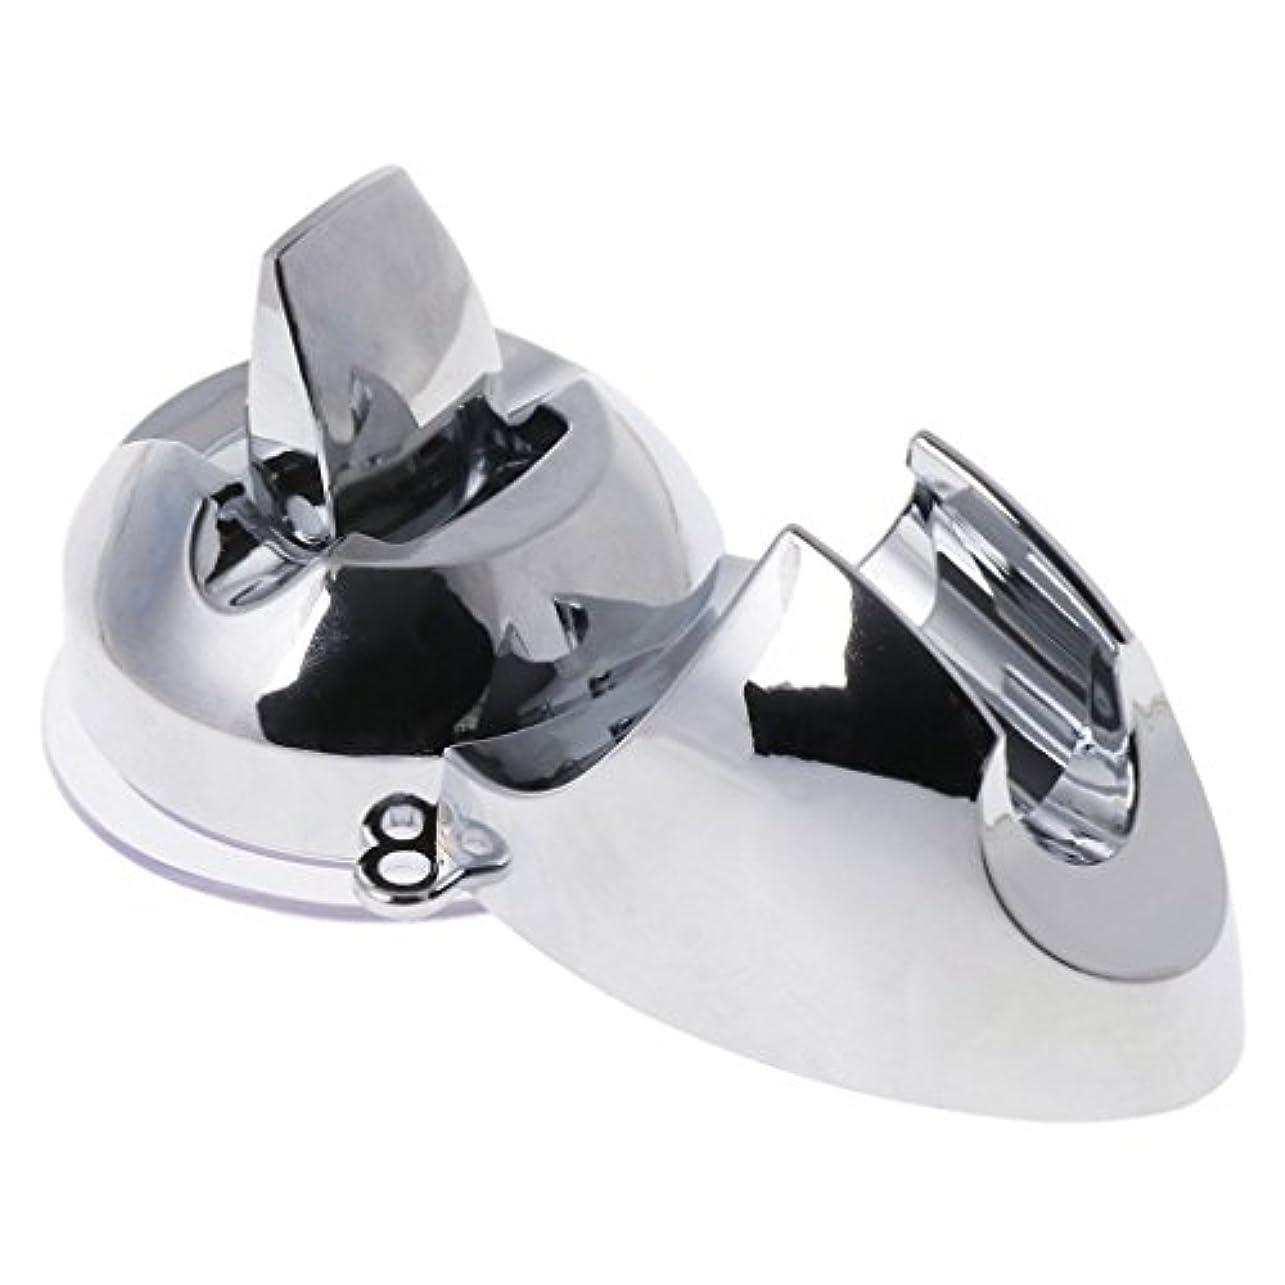 雄弁バットアセLamdooヘッドホルダー調整ドリルマウントなしの取り付け可能なシャワーハンドサクションカップ